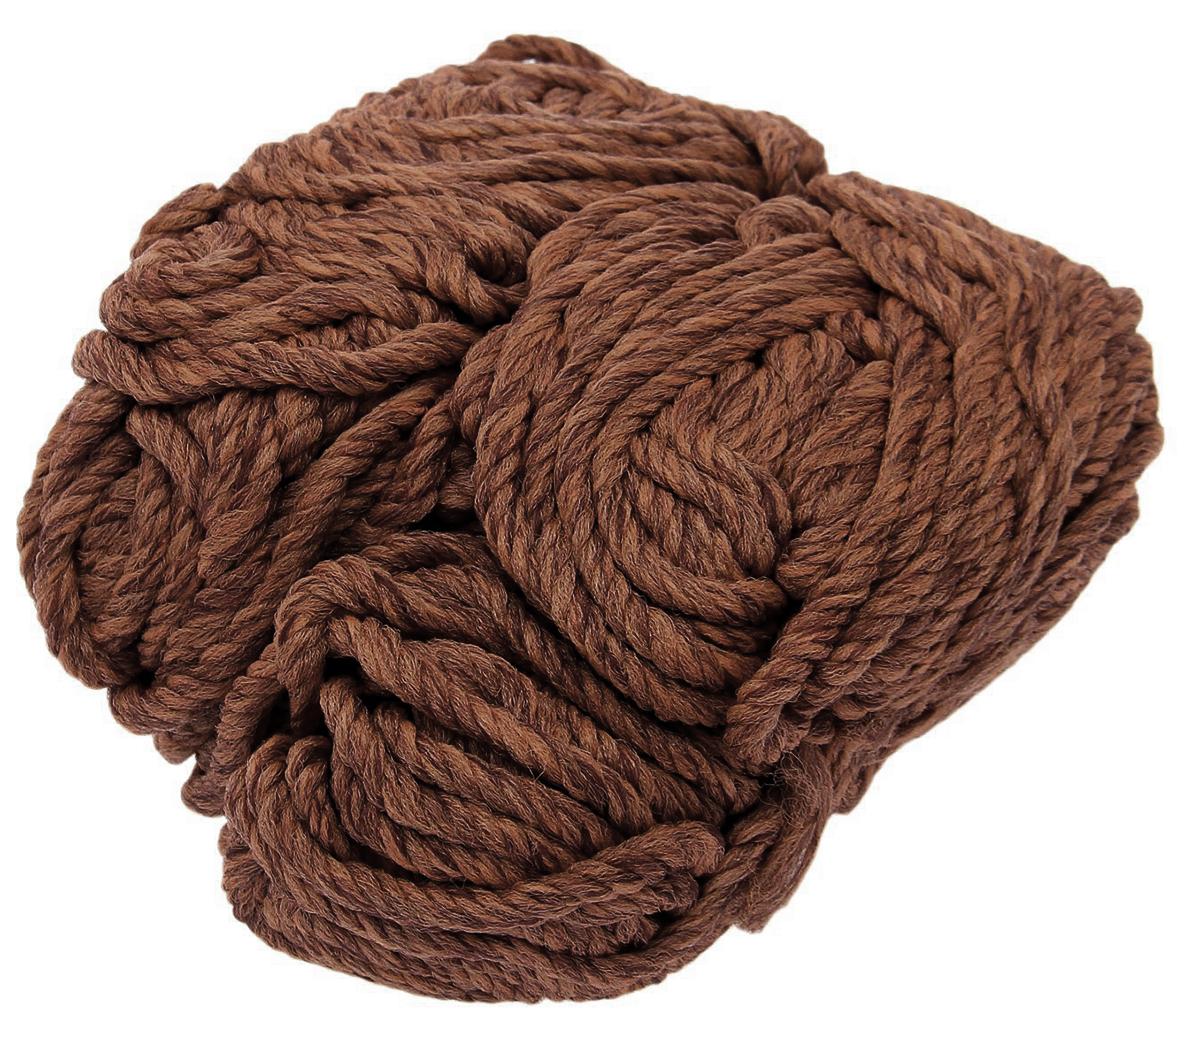 Шпагат крученый, цвет: коричневый, длина 50 м1827839_коричневыйКрученый шпагат широко используется в быту, сельском хозяйстве и народных промыслах. Этот материал подходит для упаковки грузов, изготовления плетеной мебели, декорирования изделий и аксессуаров. Шпагат изготовлен из пропилена, безвредного для человека и окружающей среды.